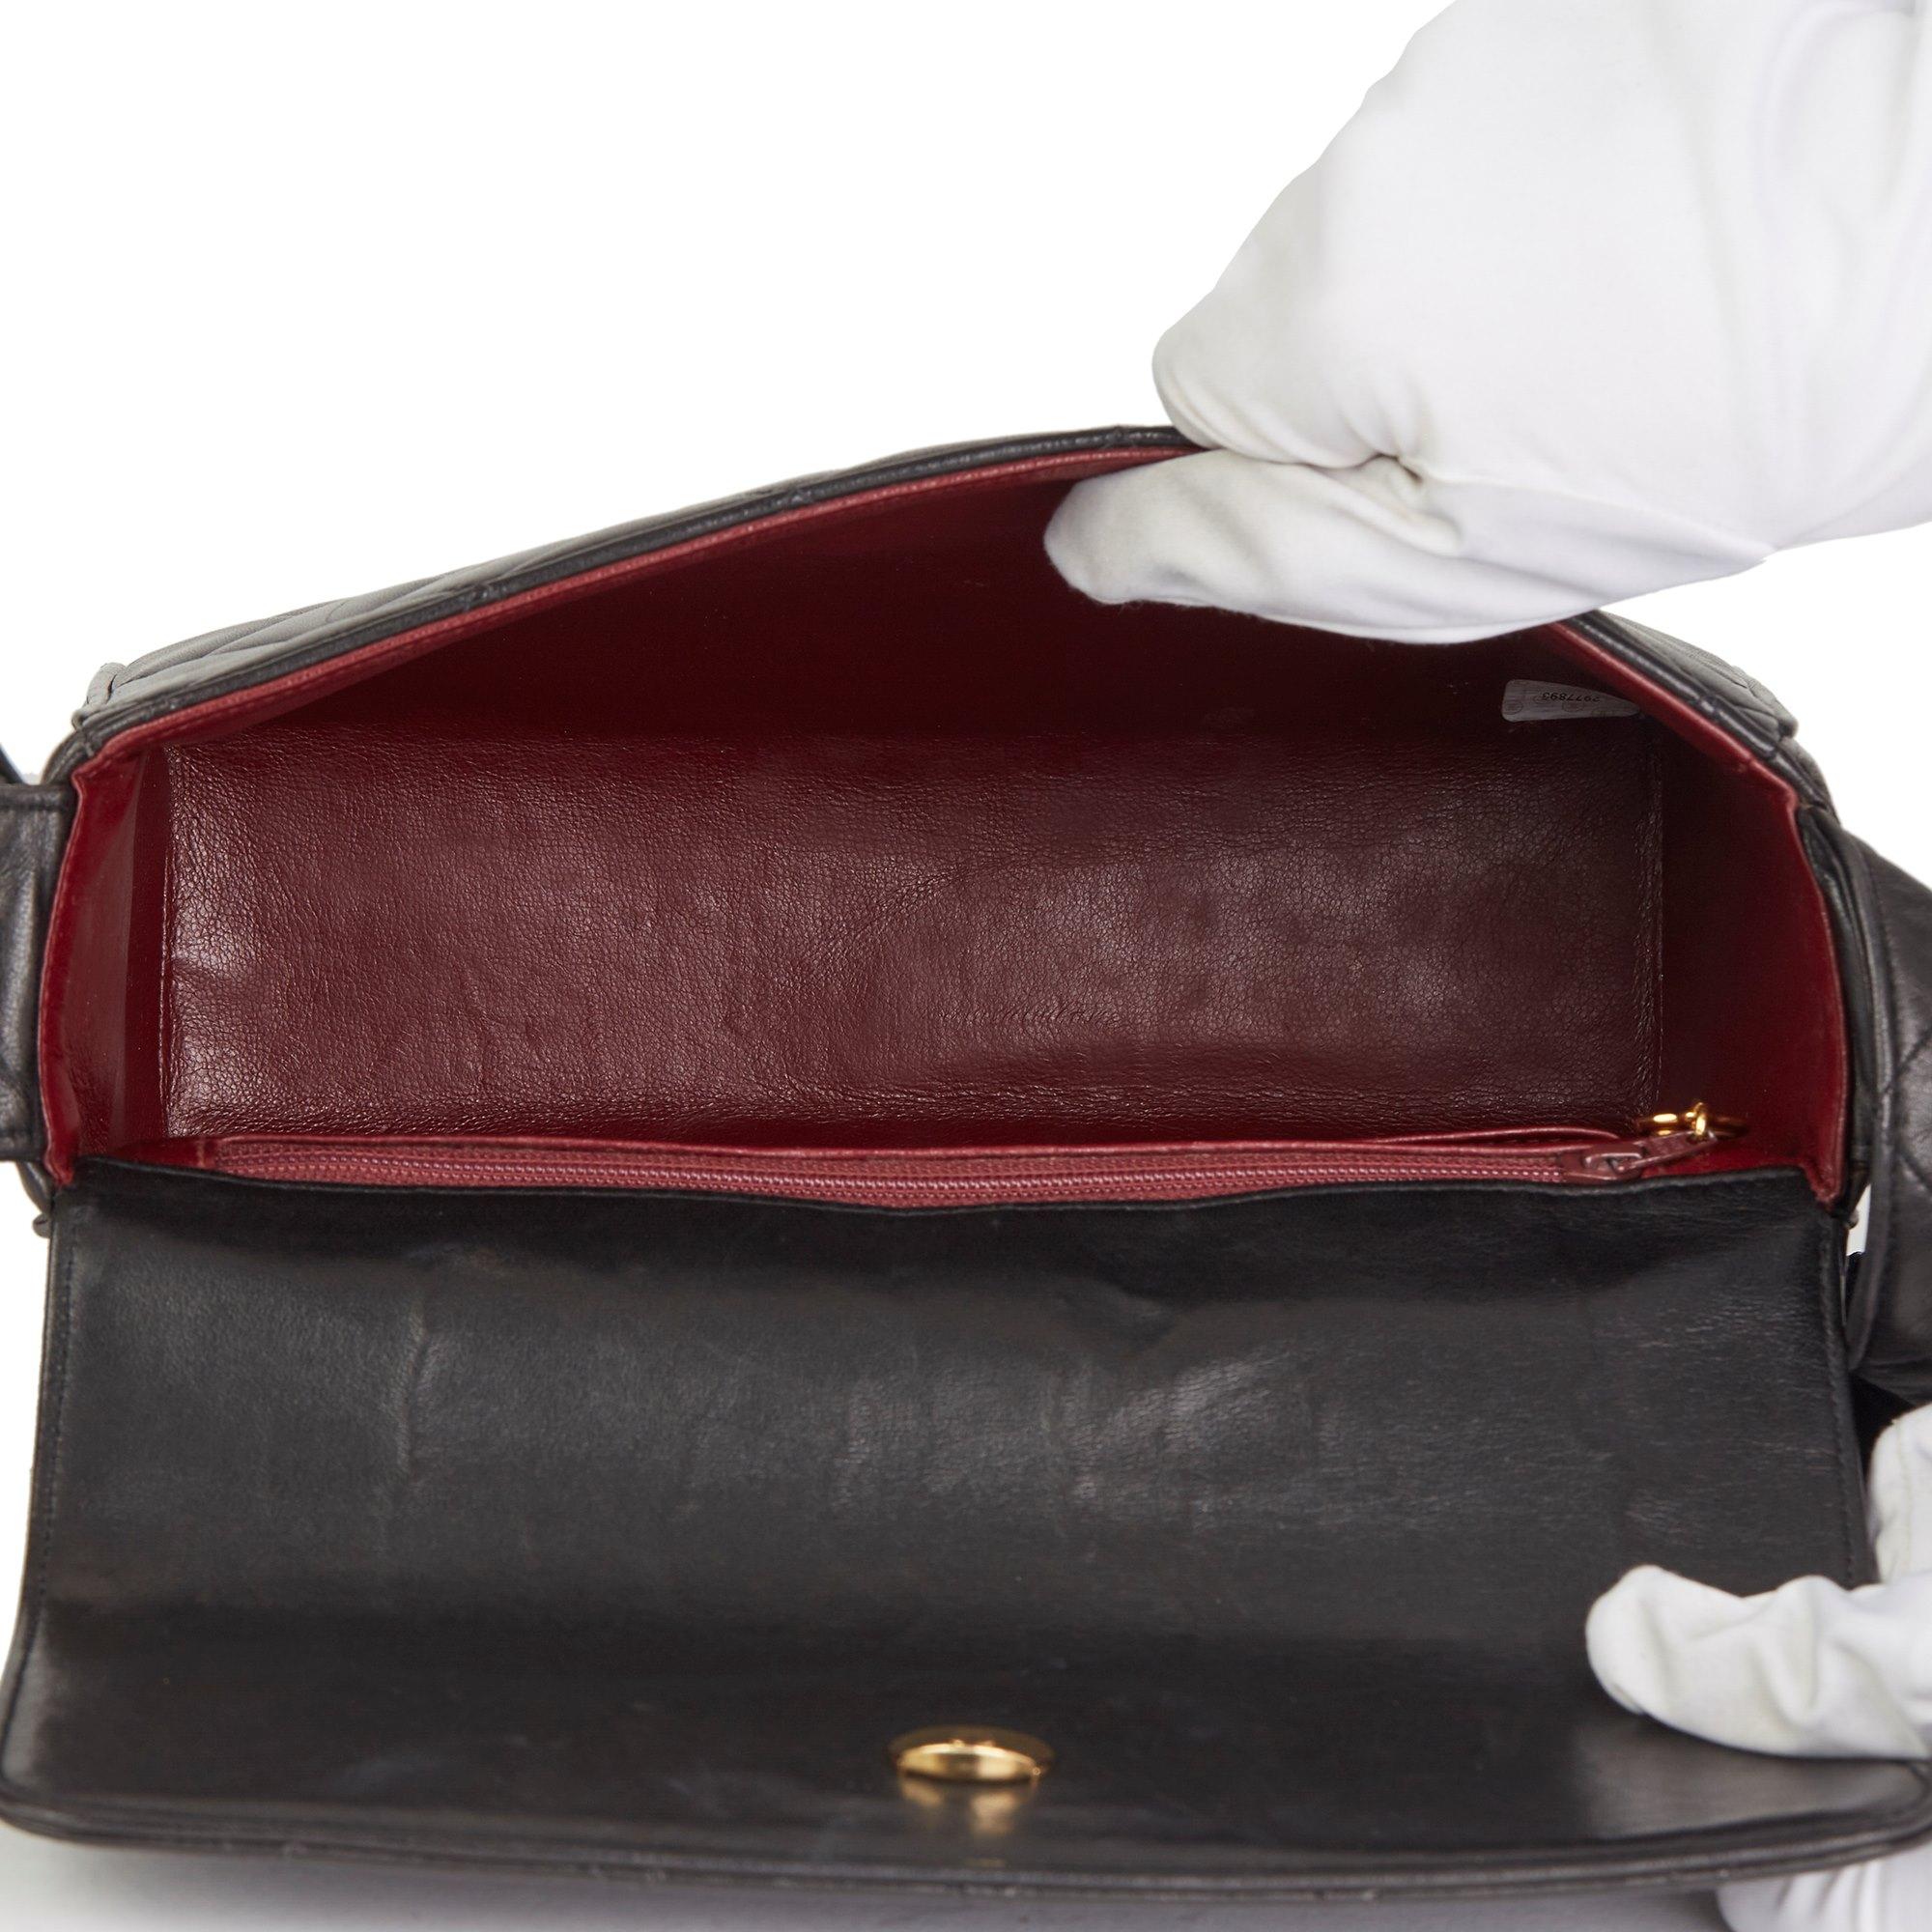 Chanel Black Quilted Lambskin Vintage Leather Logo Shoulder Bag